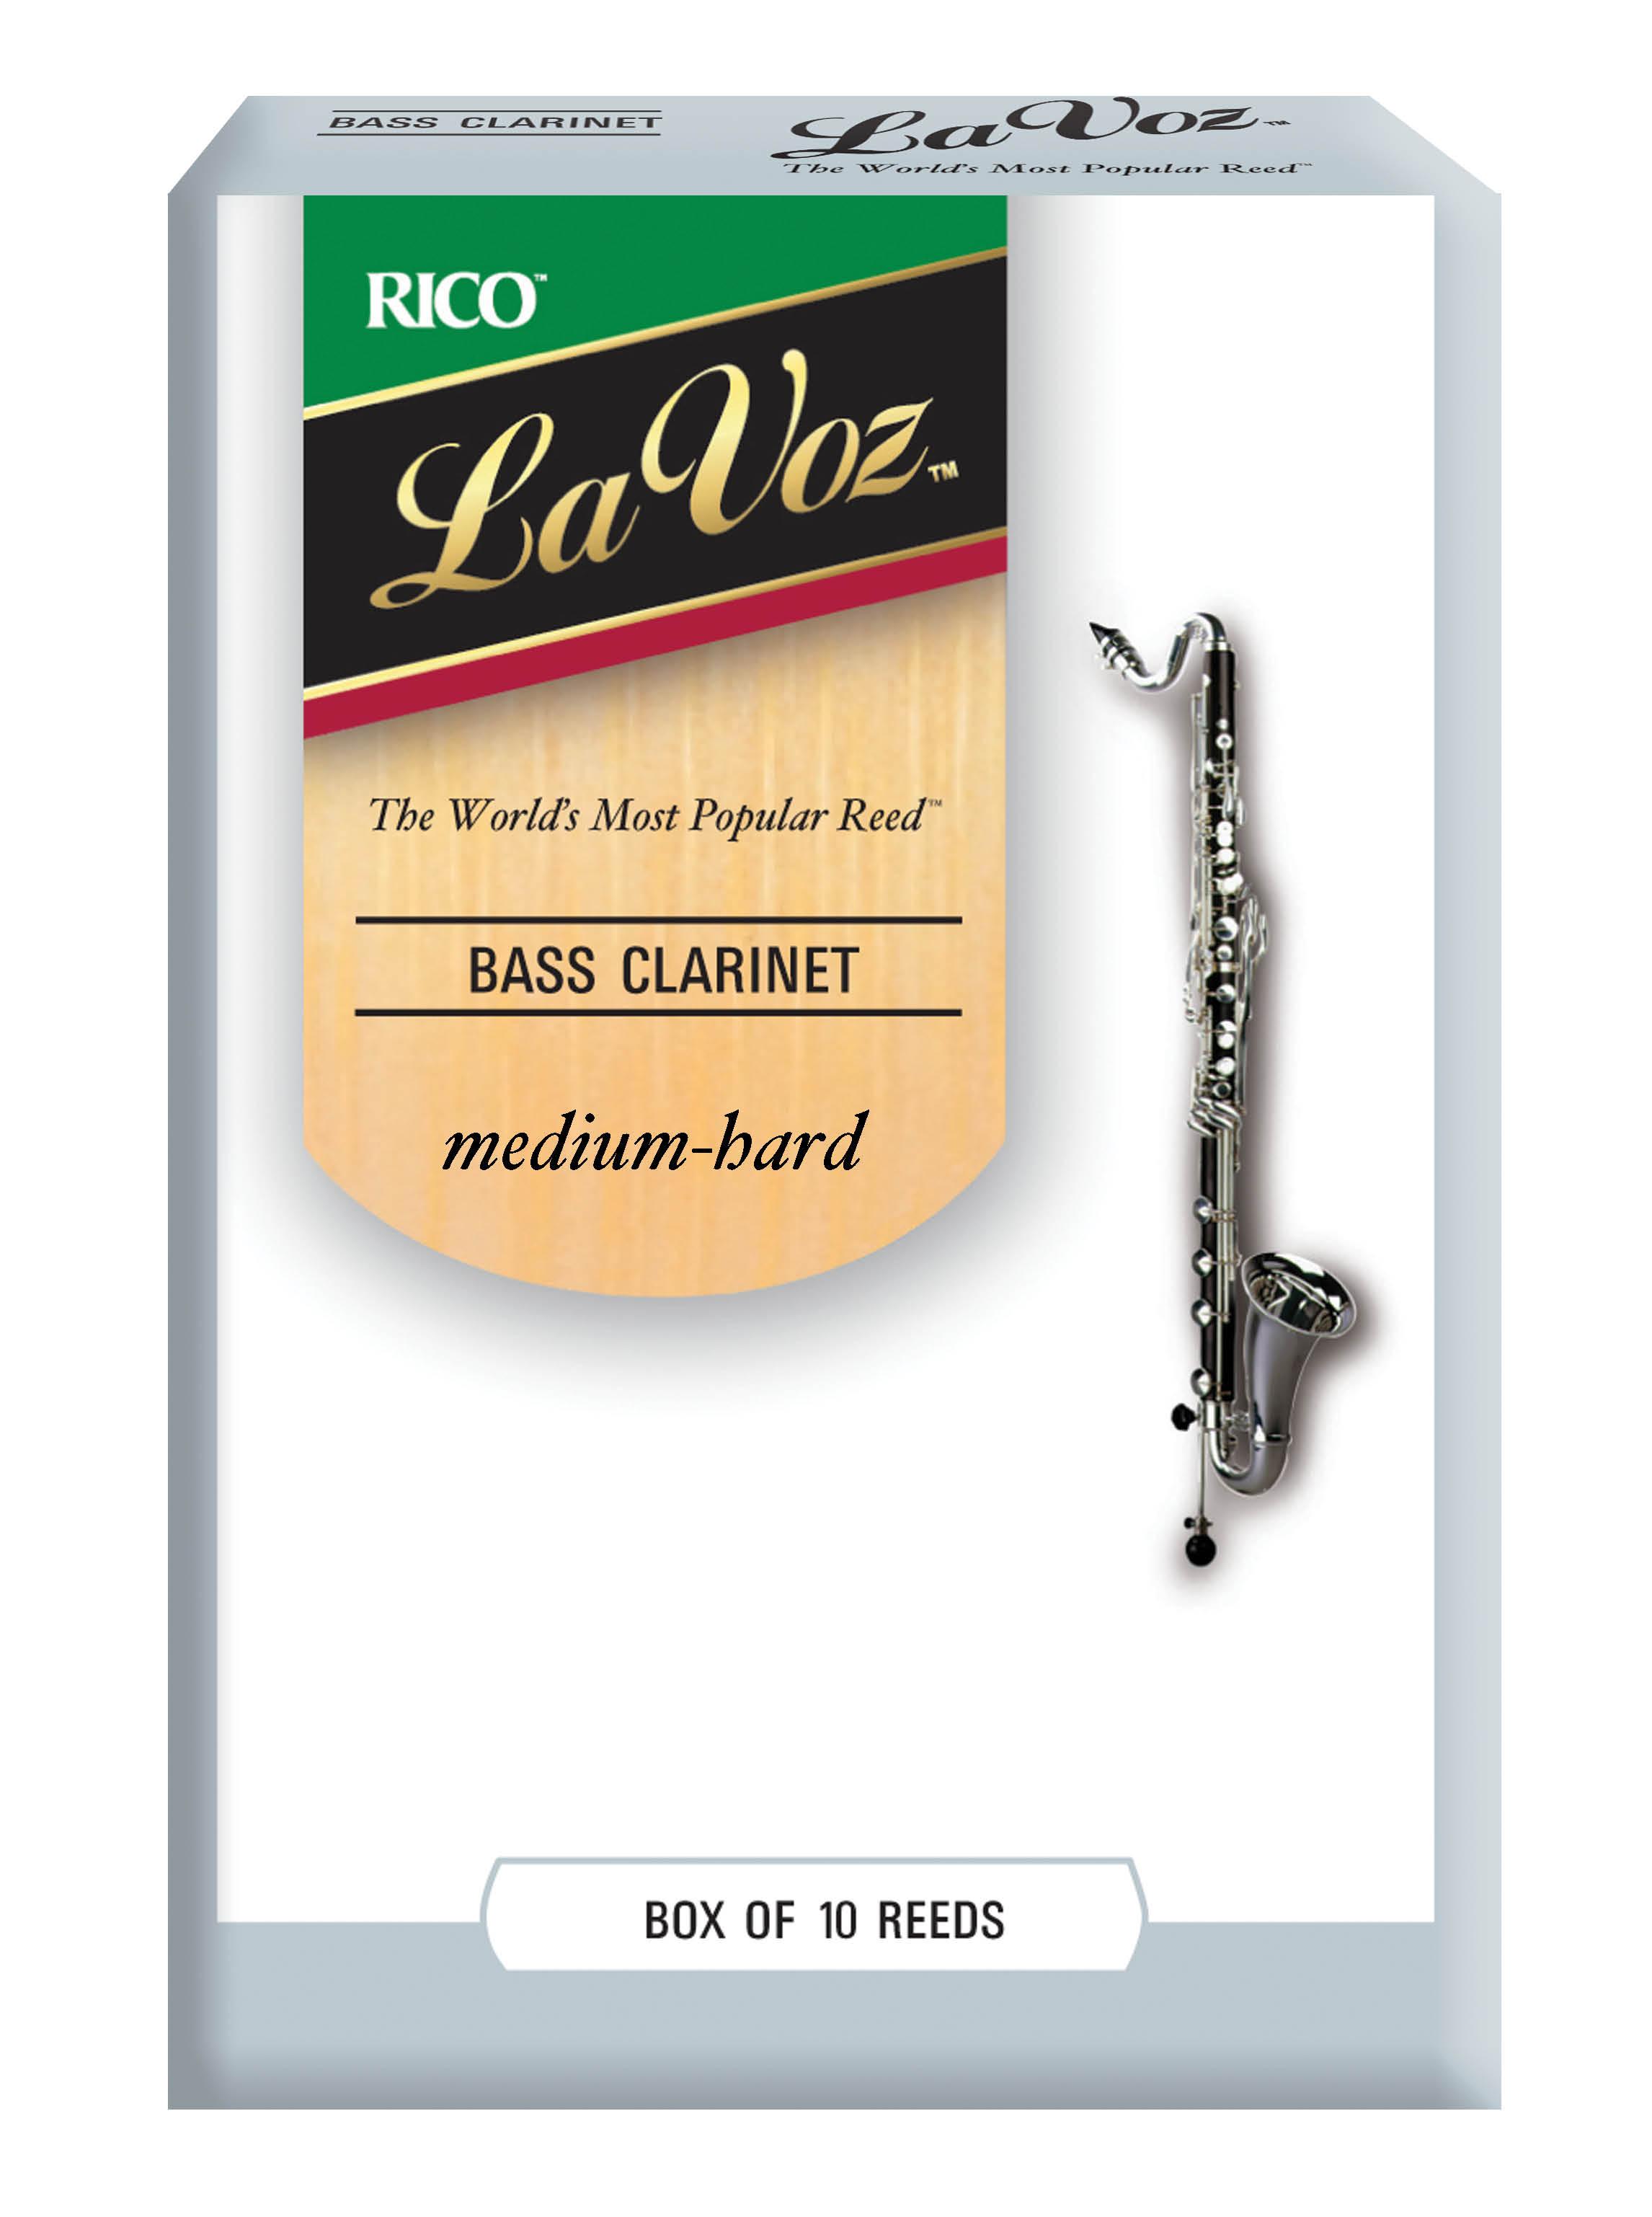 La Voz Med Hard Bass Clarinet Reeds